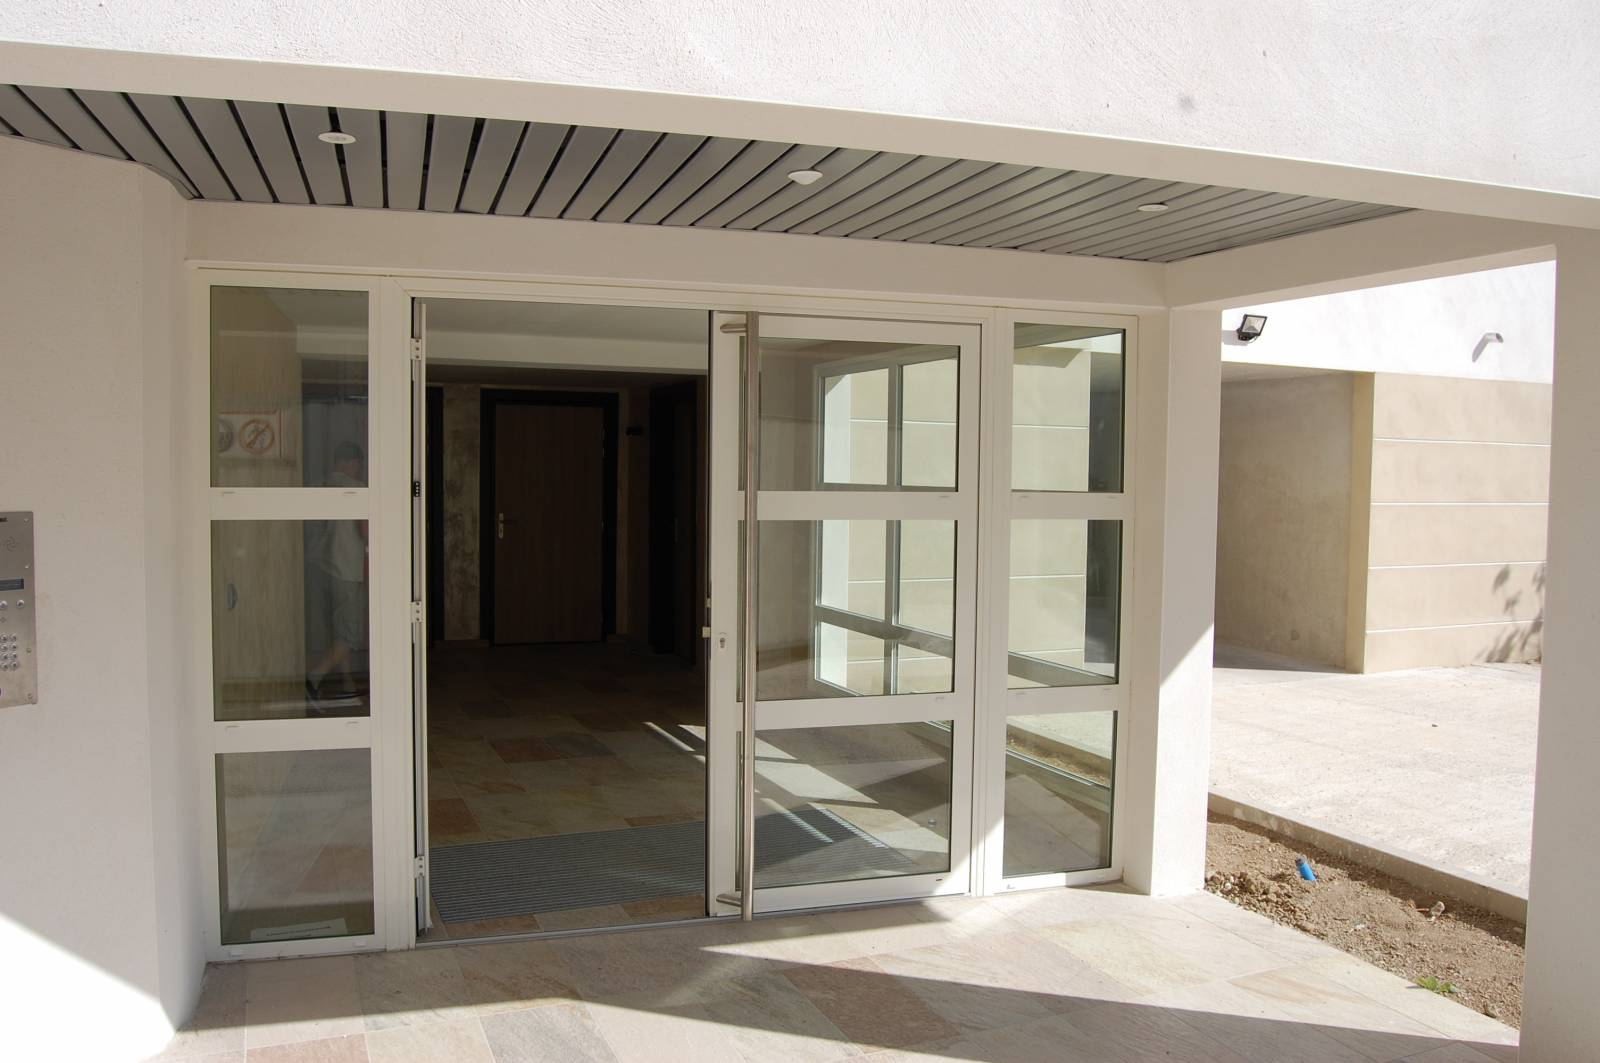 fourniture et pose d 39 une porte d 39 entr e d 39 immeuble n mes. Black Bedroom Furniture Sets. Home Design Ideas